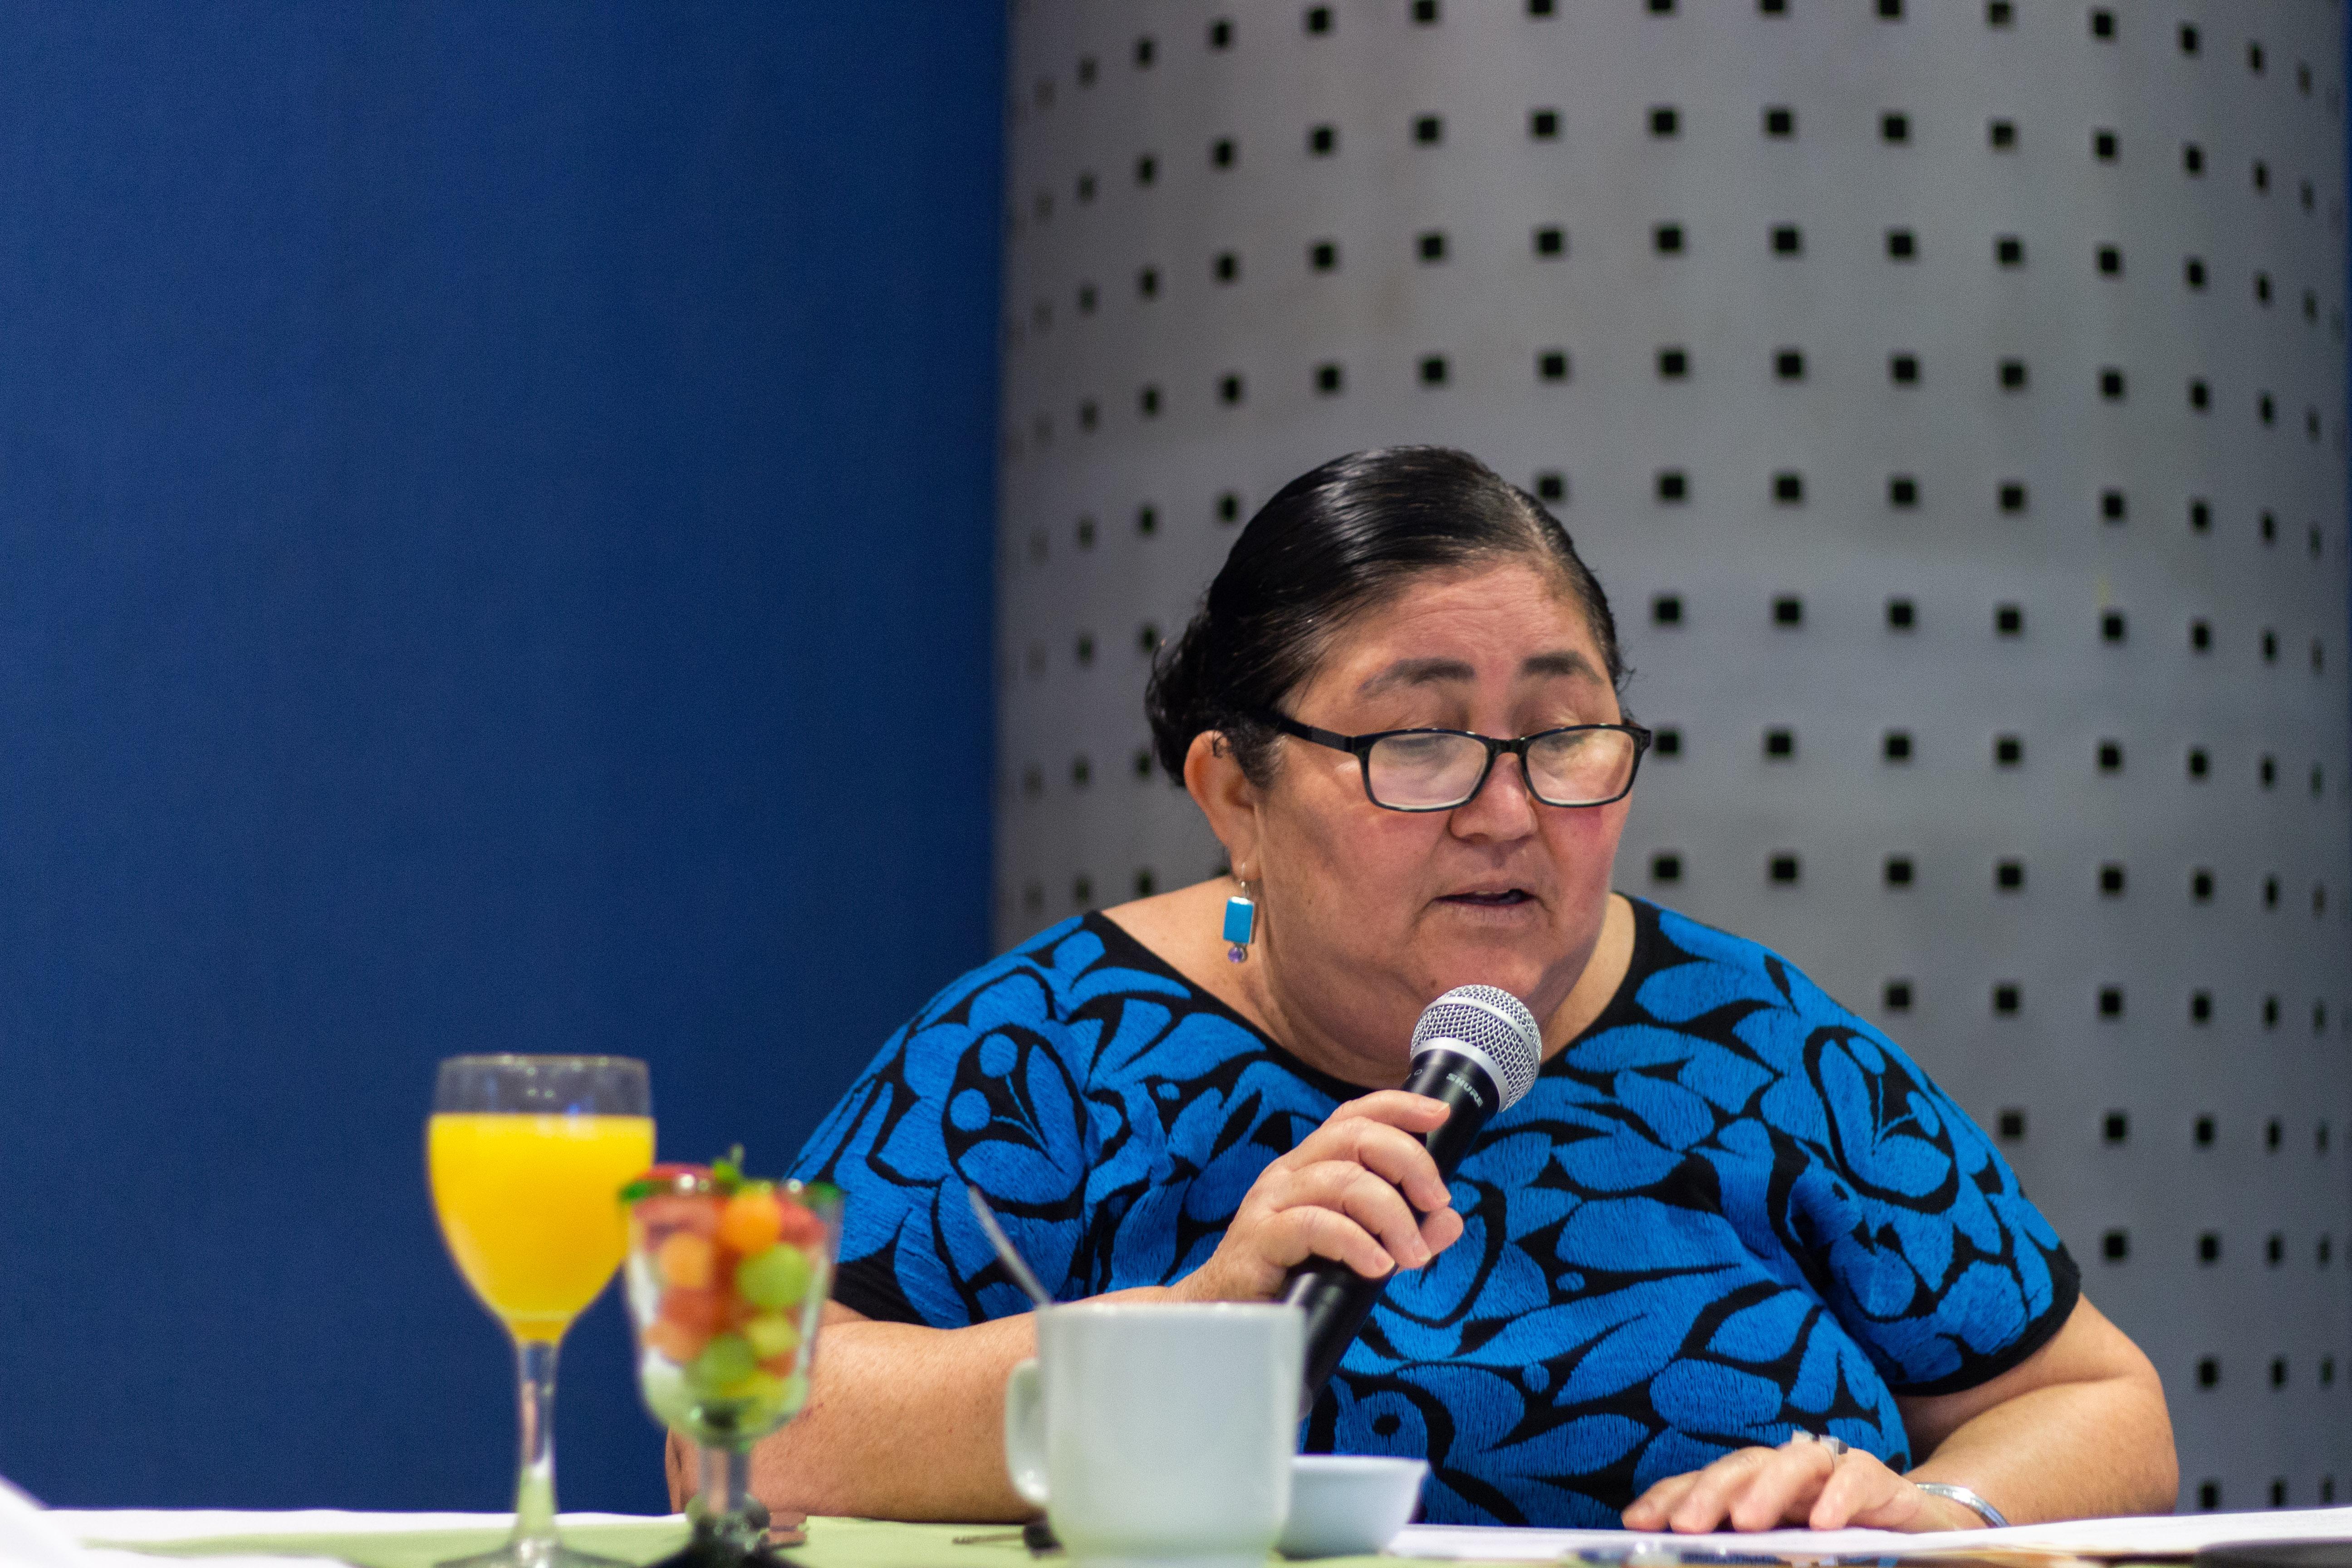 Presidenta del H. Consejo Social del CUCosta, Sra. Evangelina Sánchez Dueñas